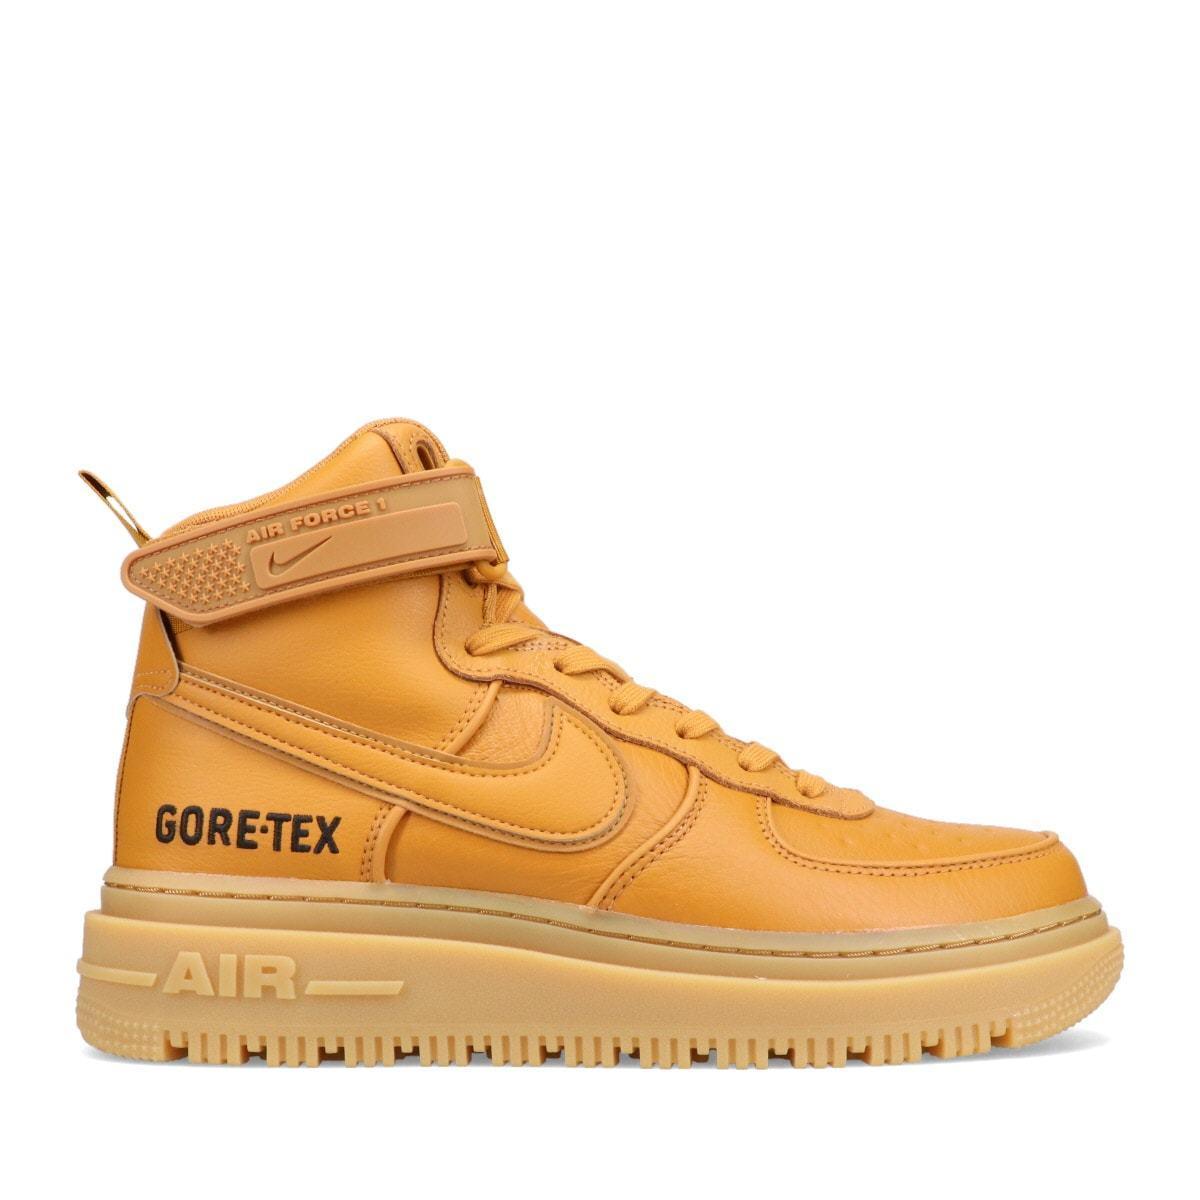 亚麻/麦黄/橡皮浅褐色Nike Air Force 1 GORE-TEX Boot现已陆续上架